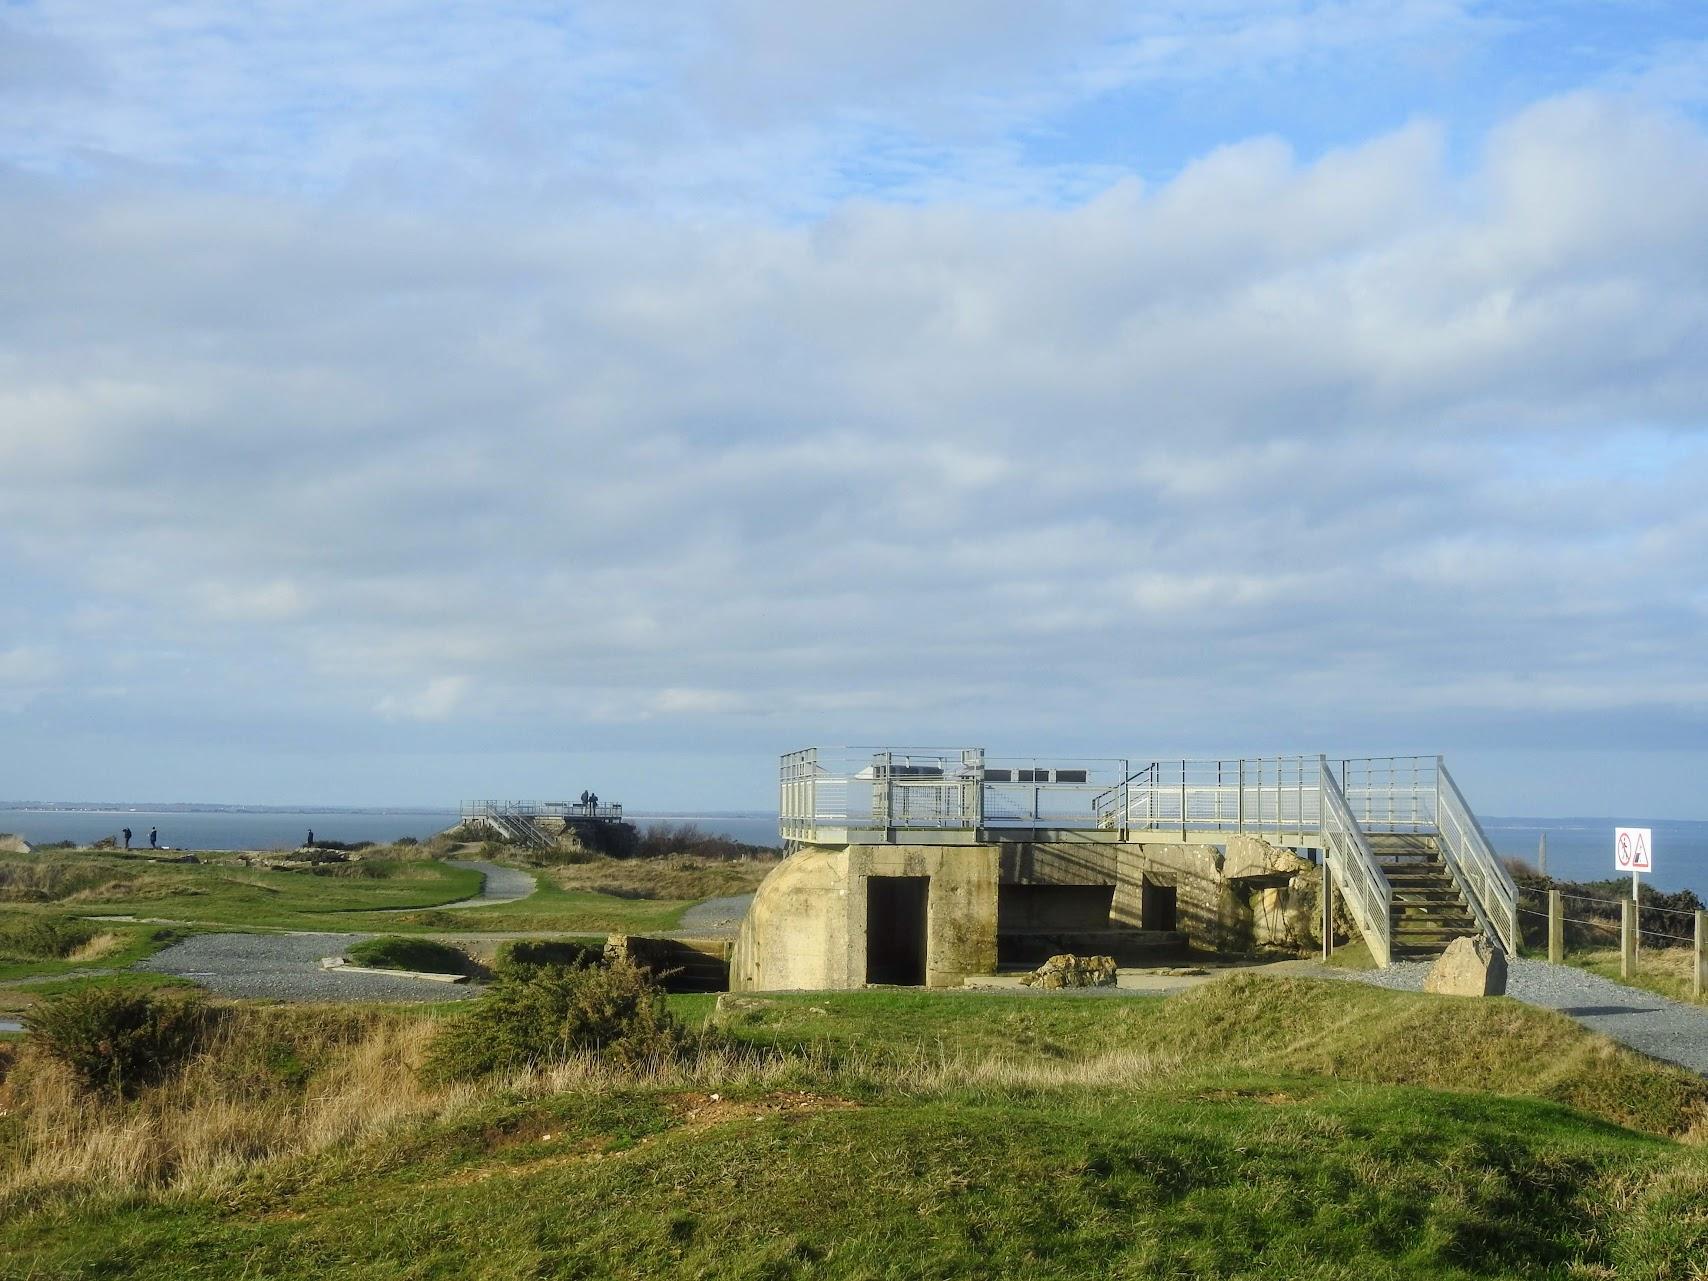 Desembarco de Normandía. Pointe du Hoc